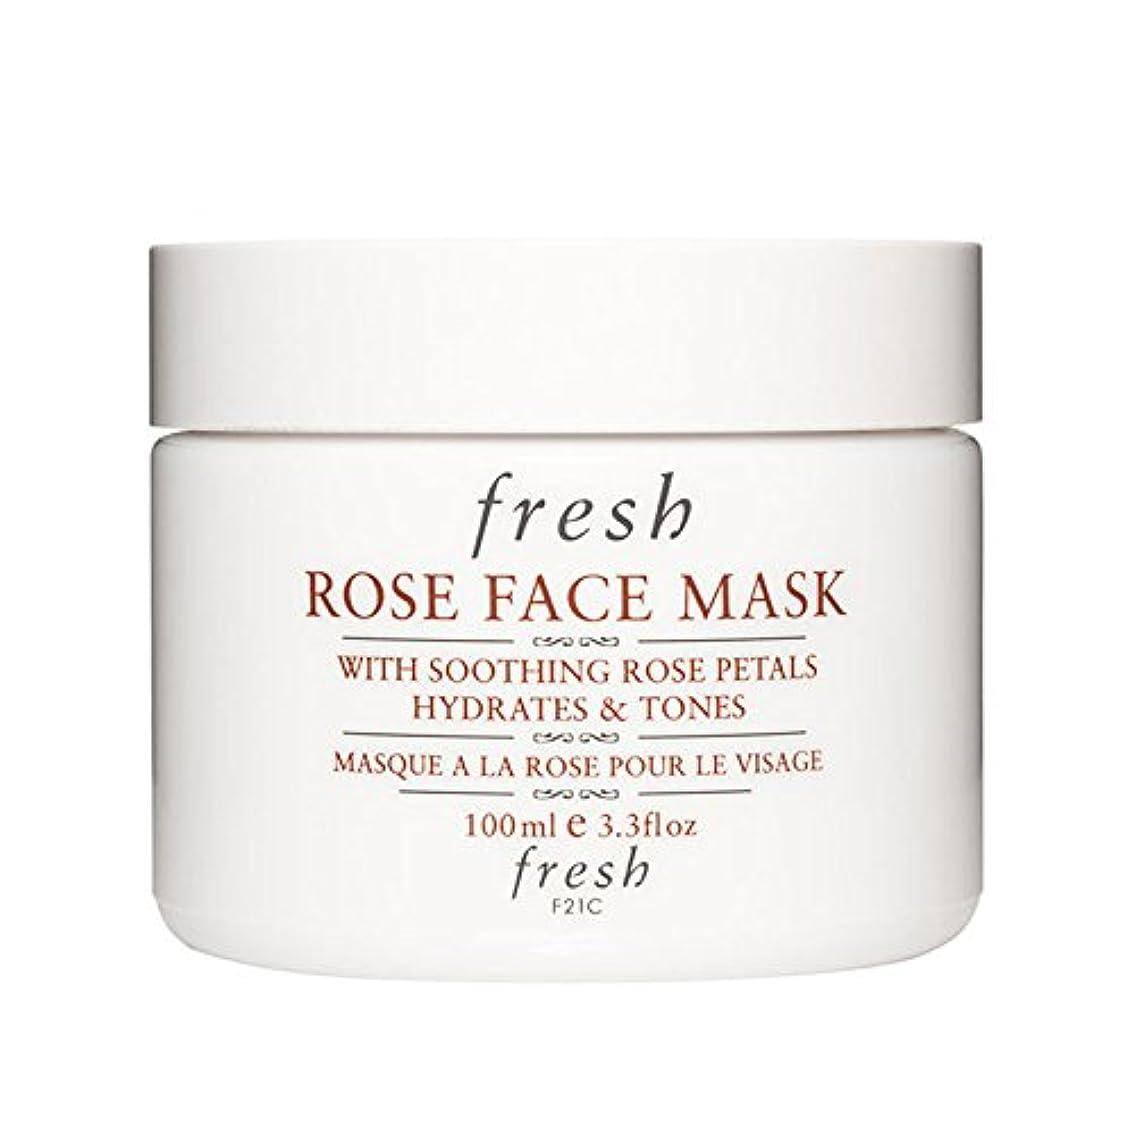 組み込む見つけた目を覚ます【並行輸入品】Fresh ROSE FACE MASK (フレッシュ ローズフェイスマスク) 3.4 oz (100g) by Fresh for Women